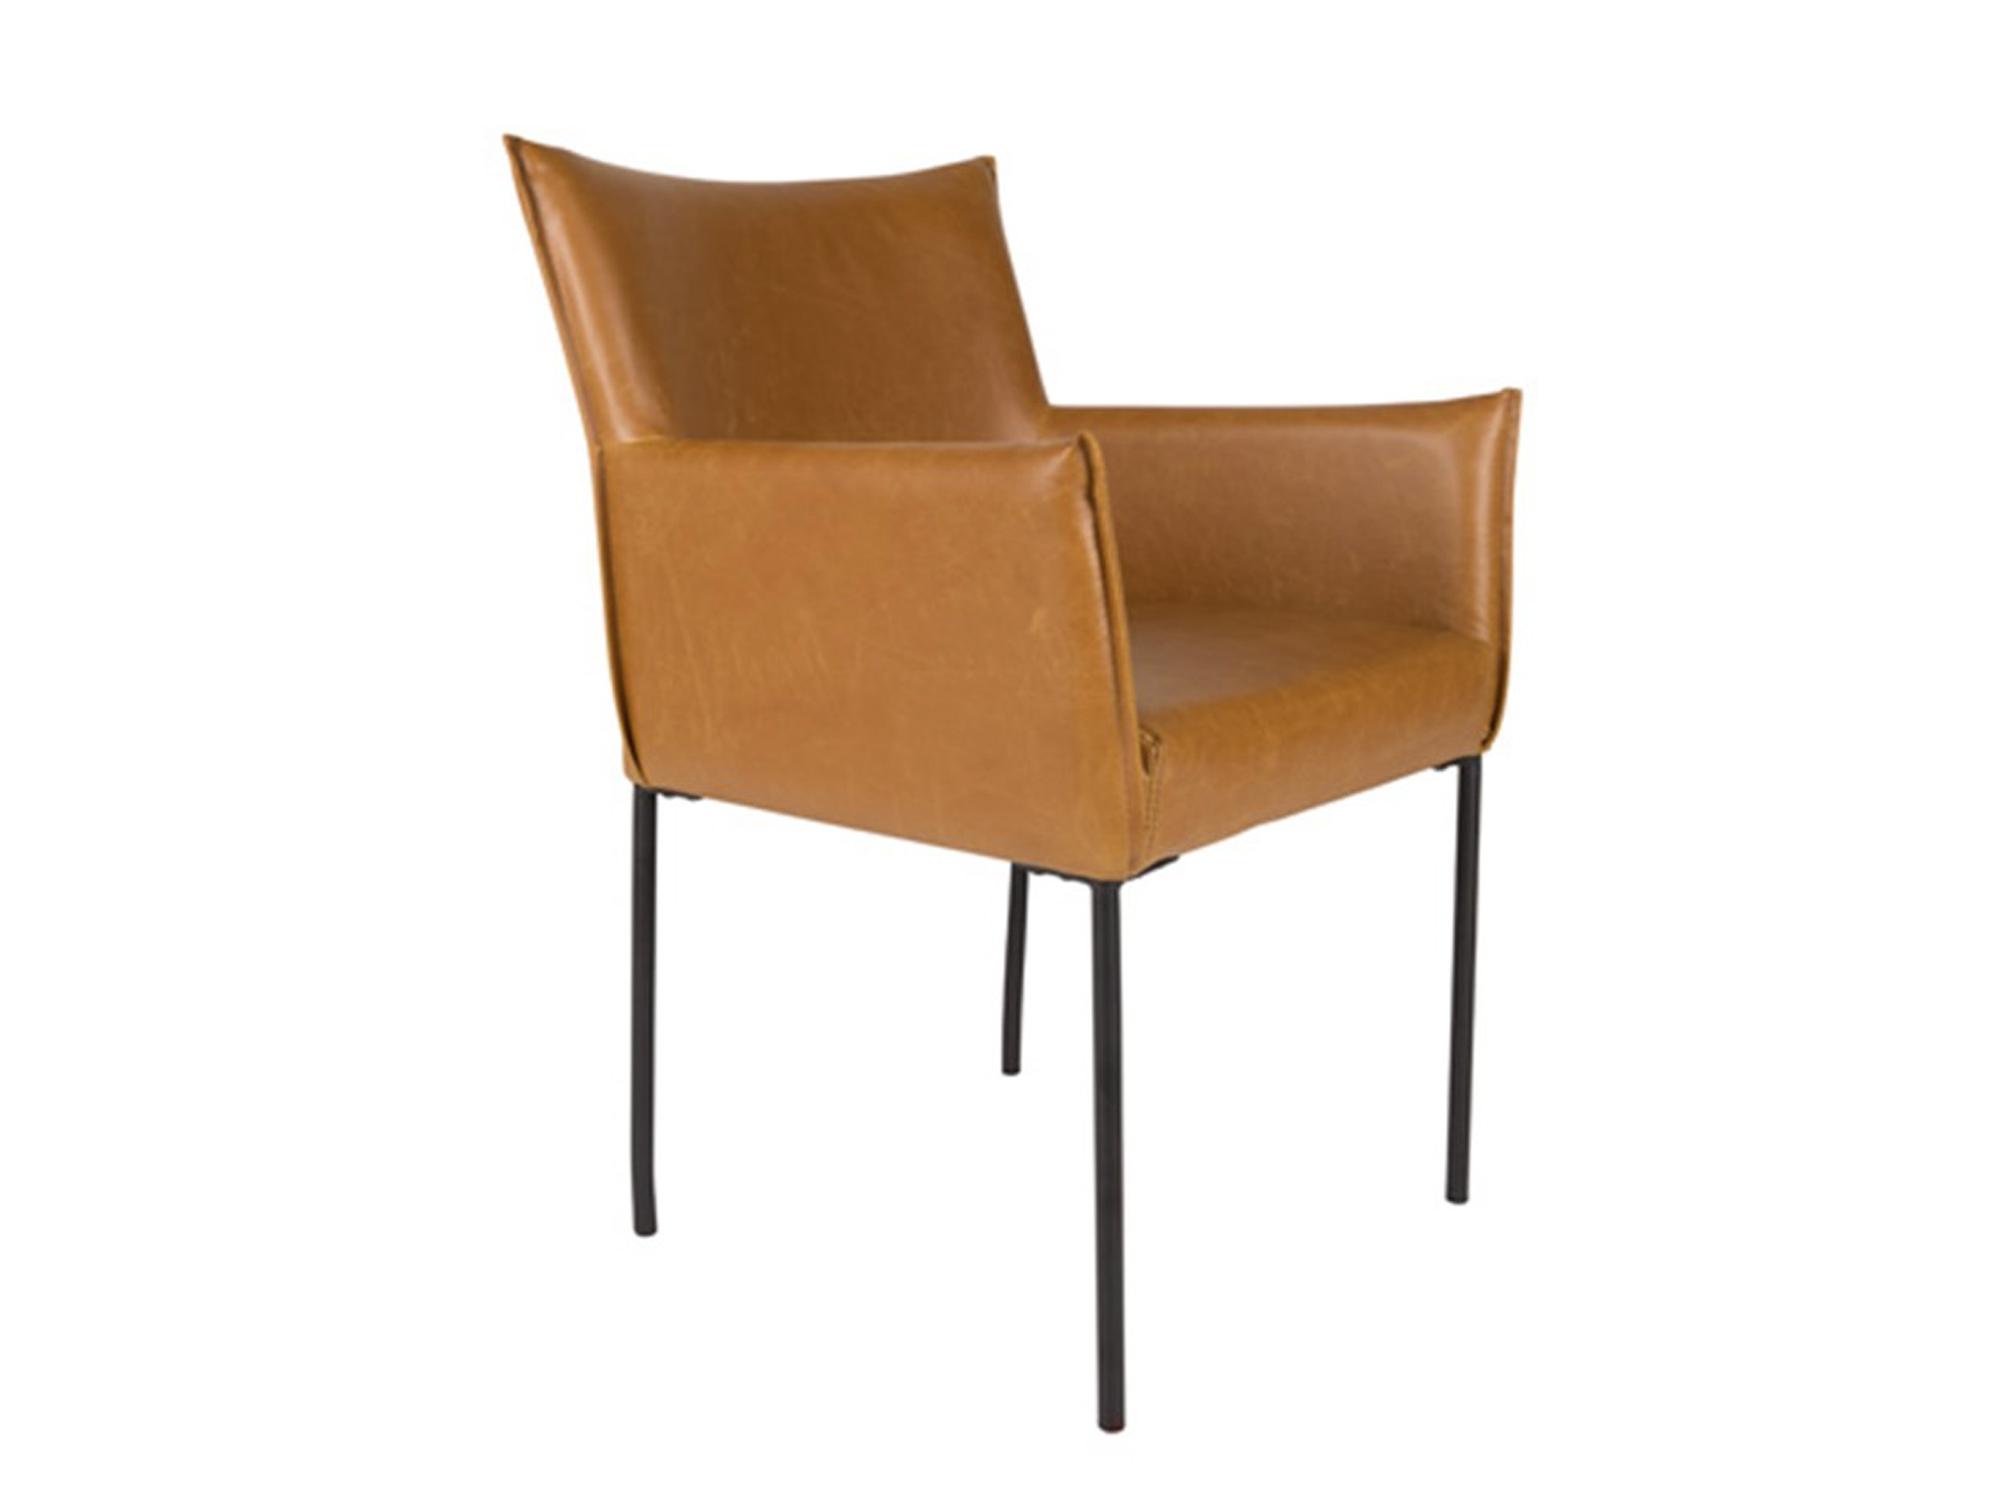 Zuiver Stoel Omg : Zuiver stoel zuiver twelve stoel nieuw zuiver doulton free